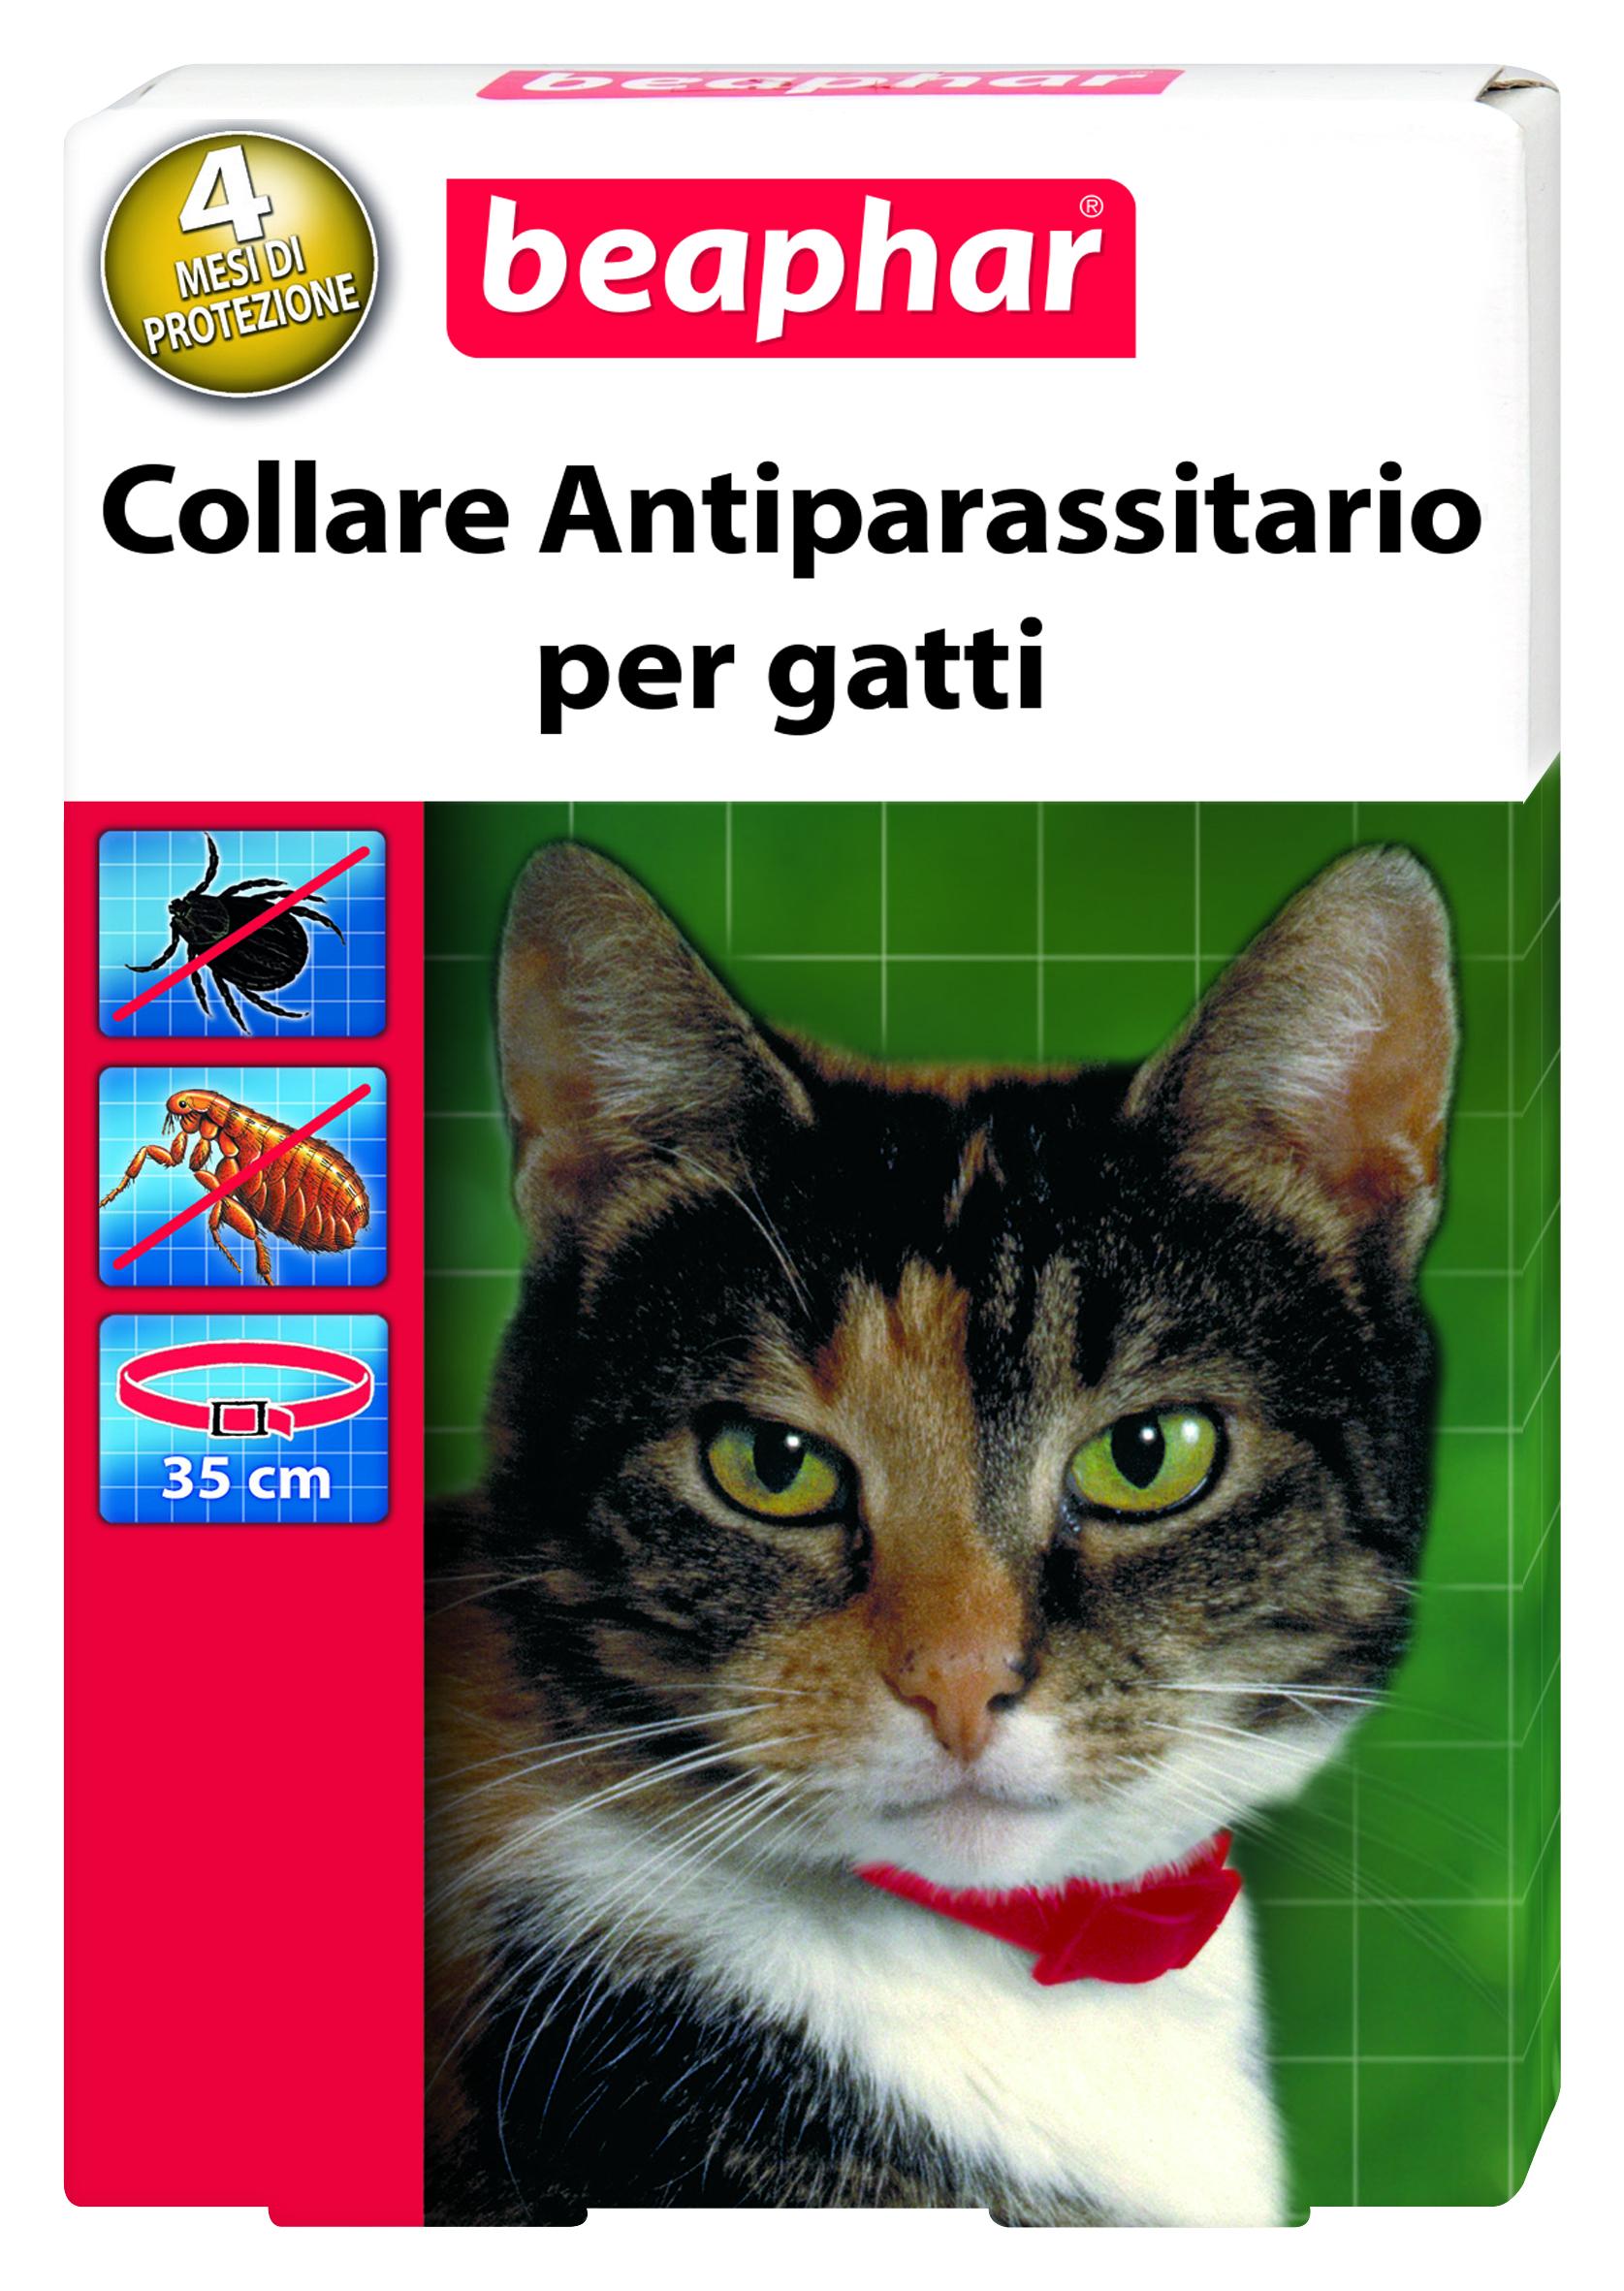 Collare antiparassitario per gatti (pulci,zecche)